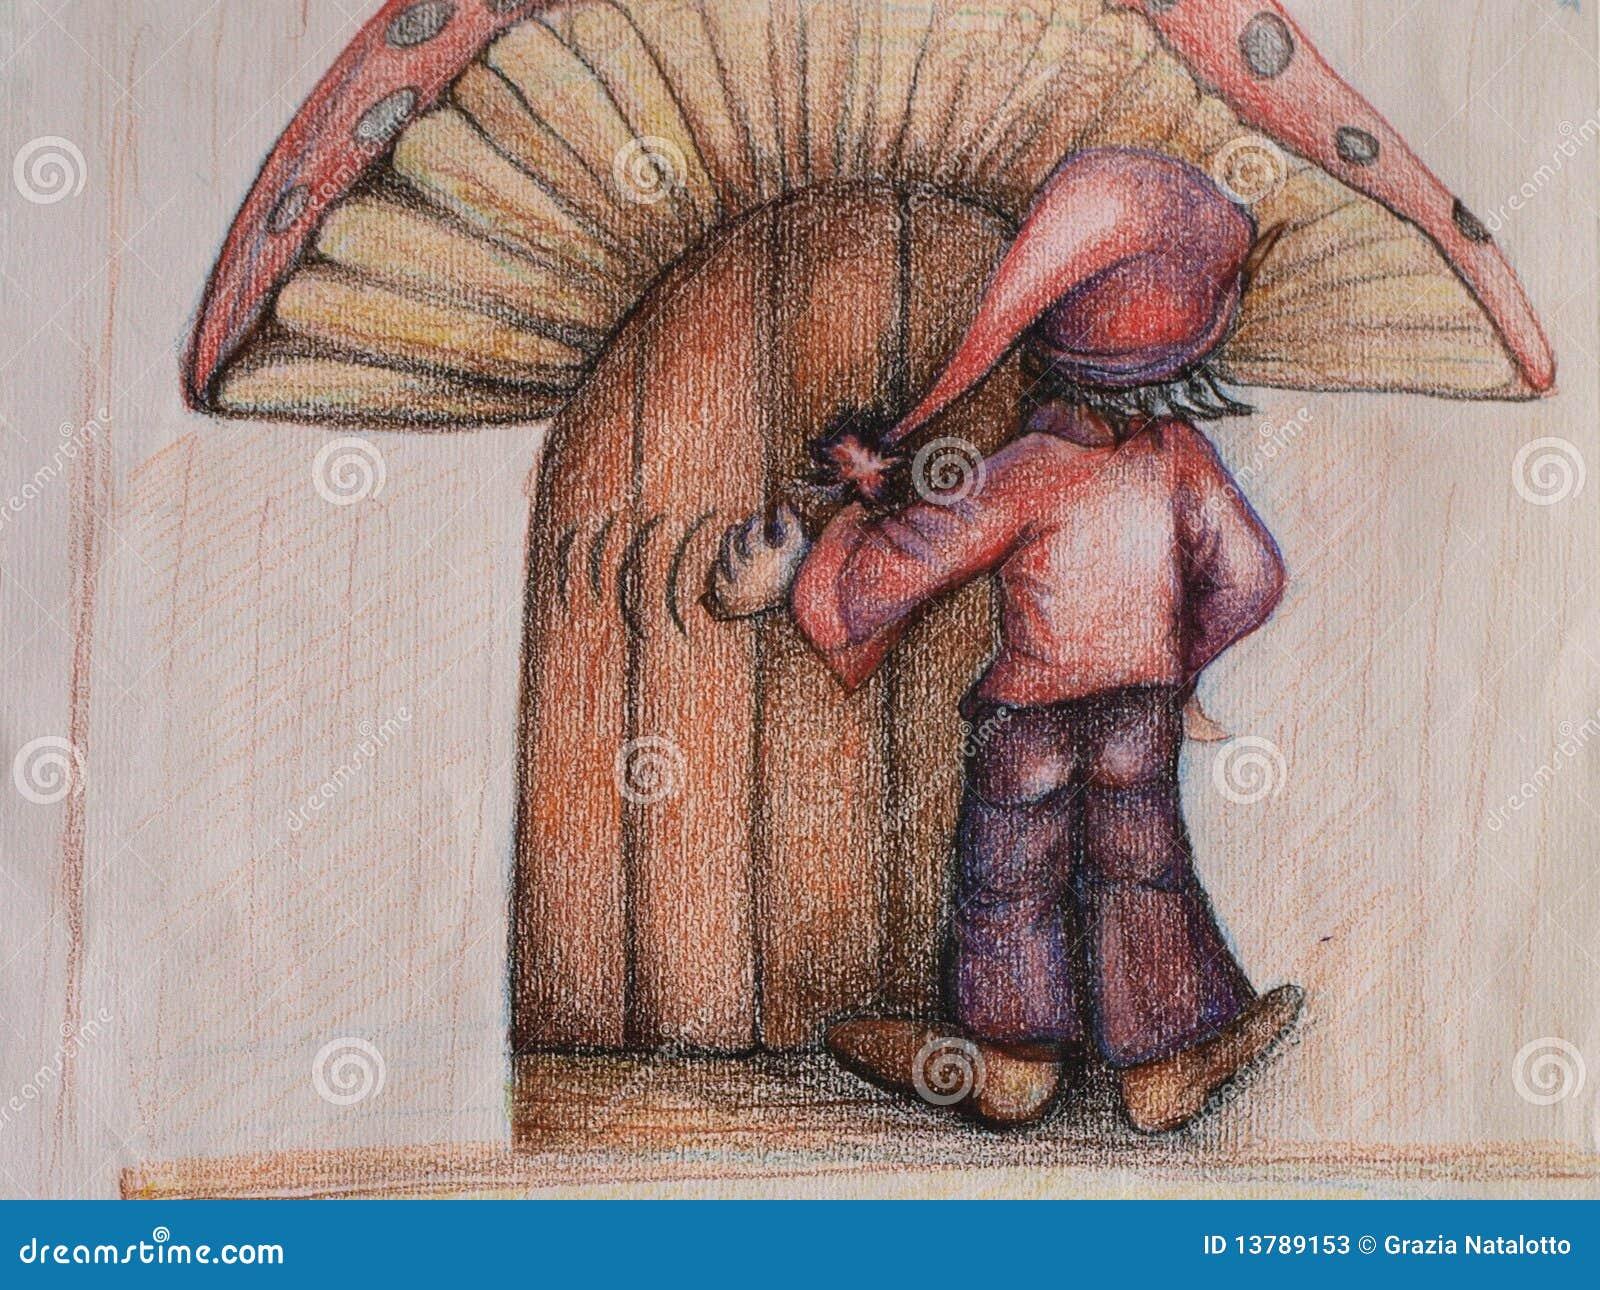 the works elf door elf knocking at the dwarf door stock photos image 13789153